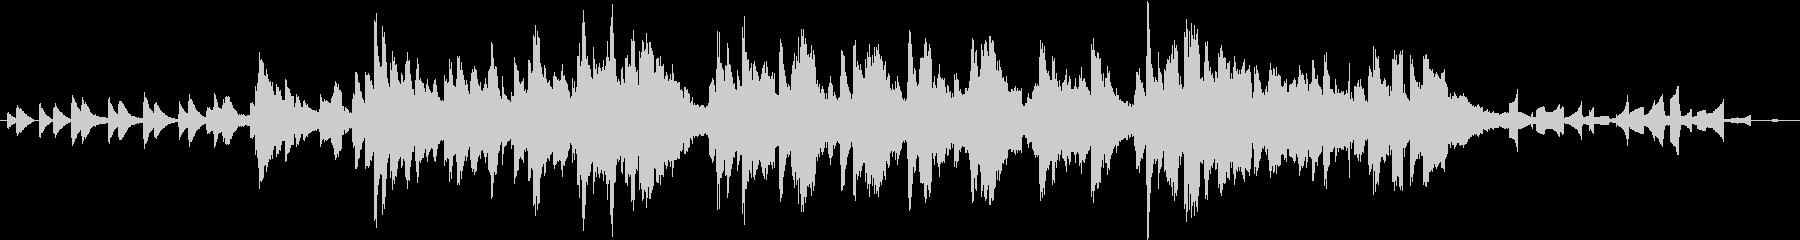 穏やかなアンビエント曲の未再生の波形